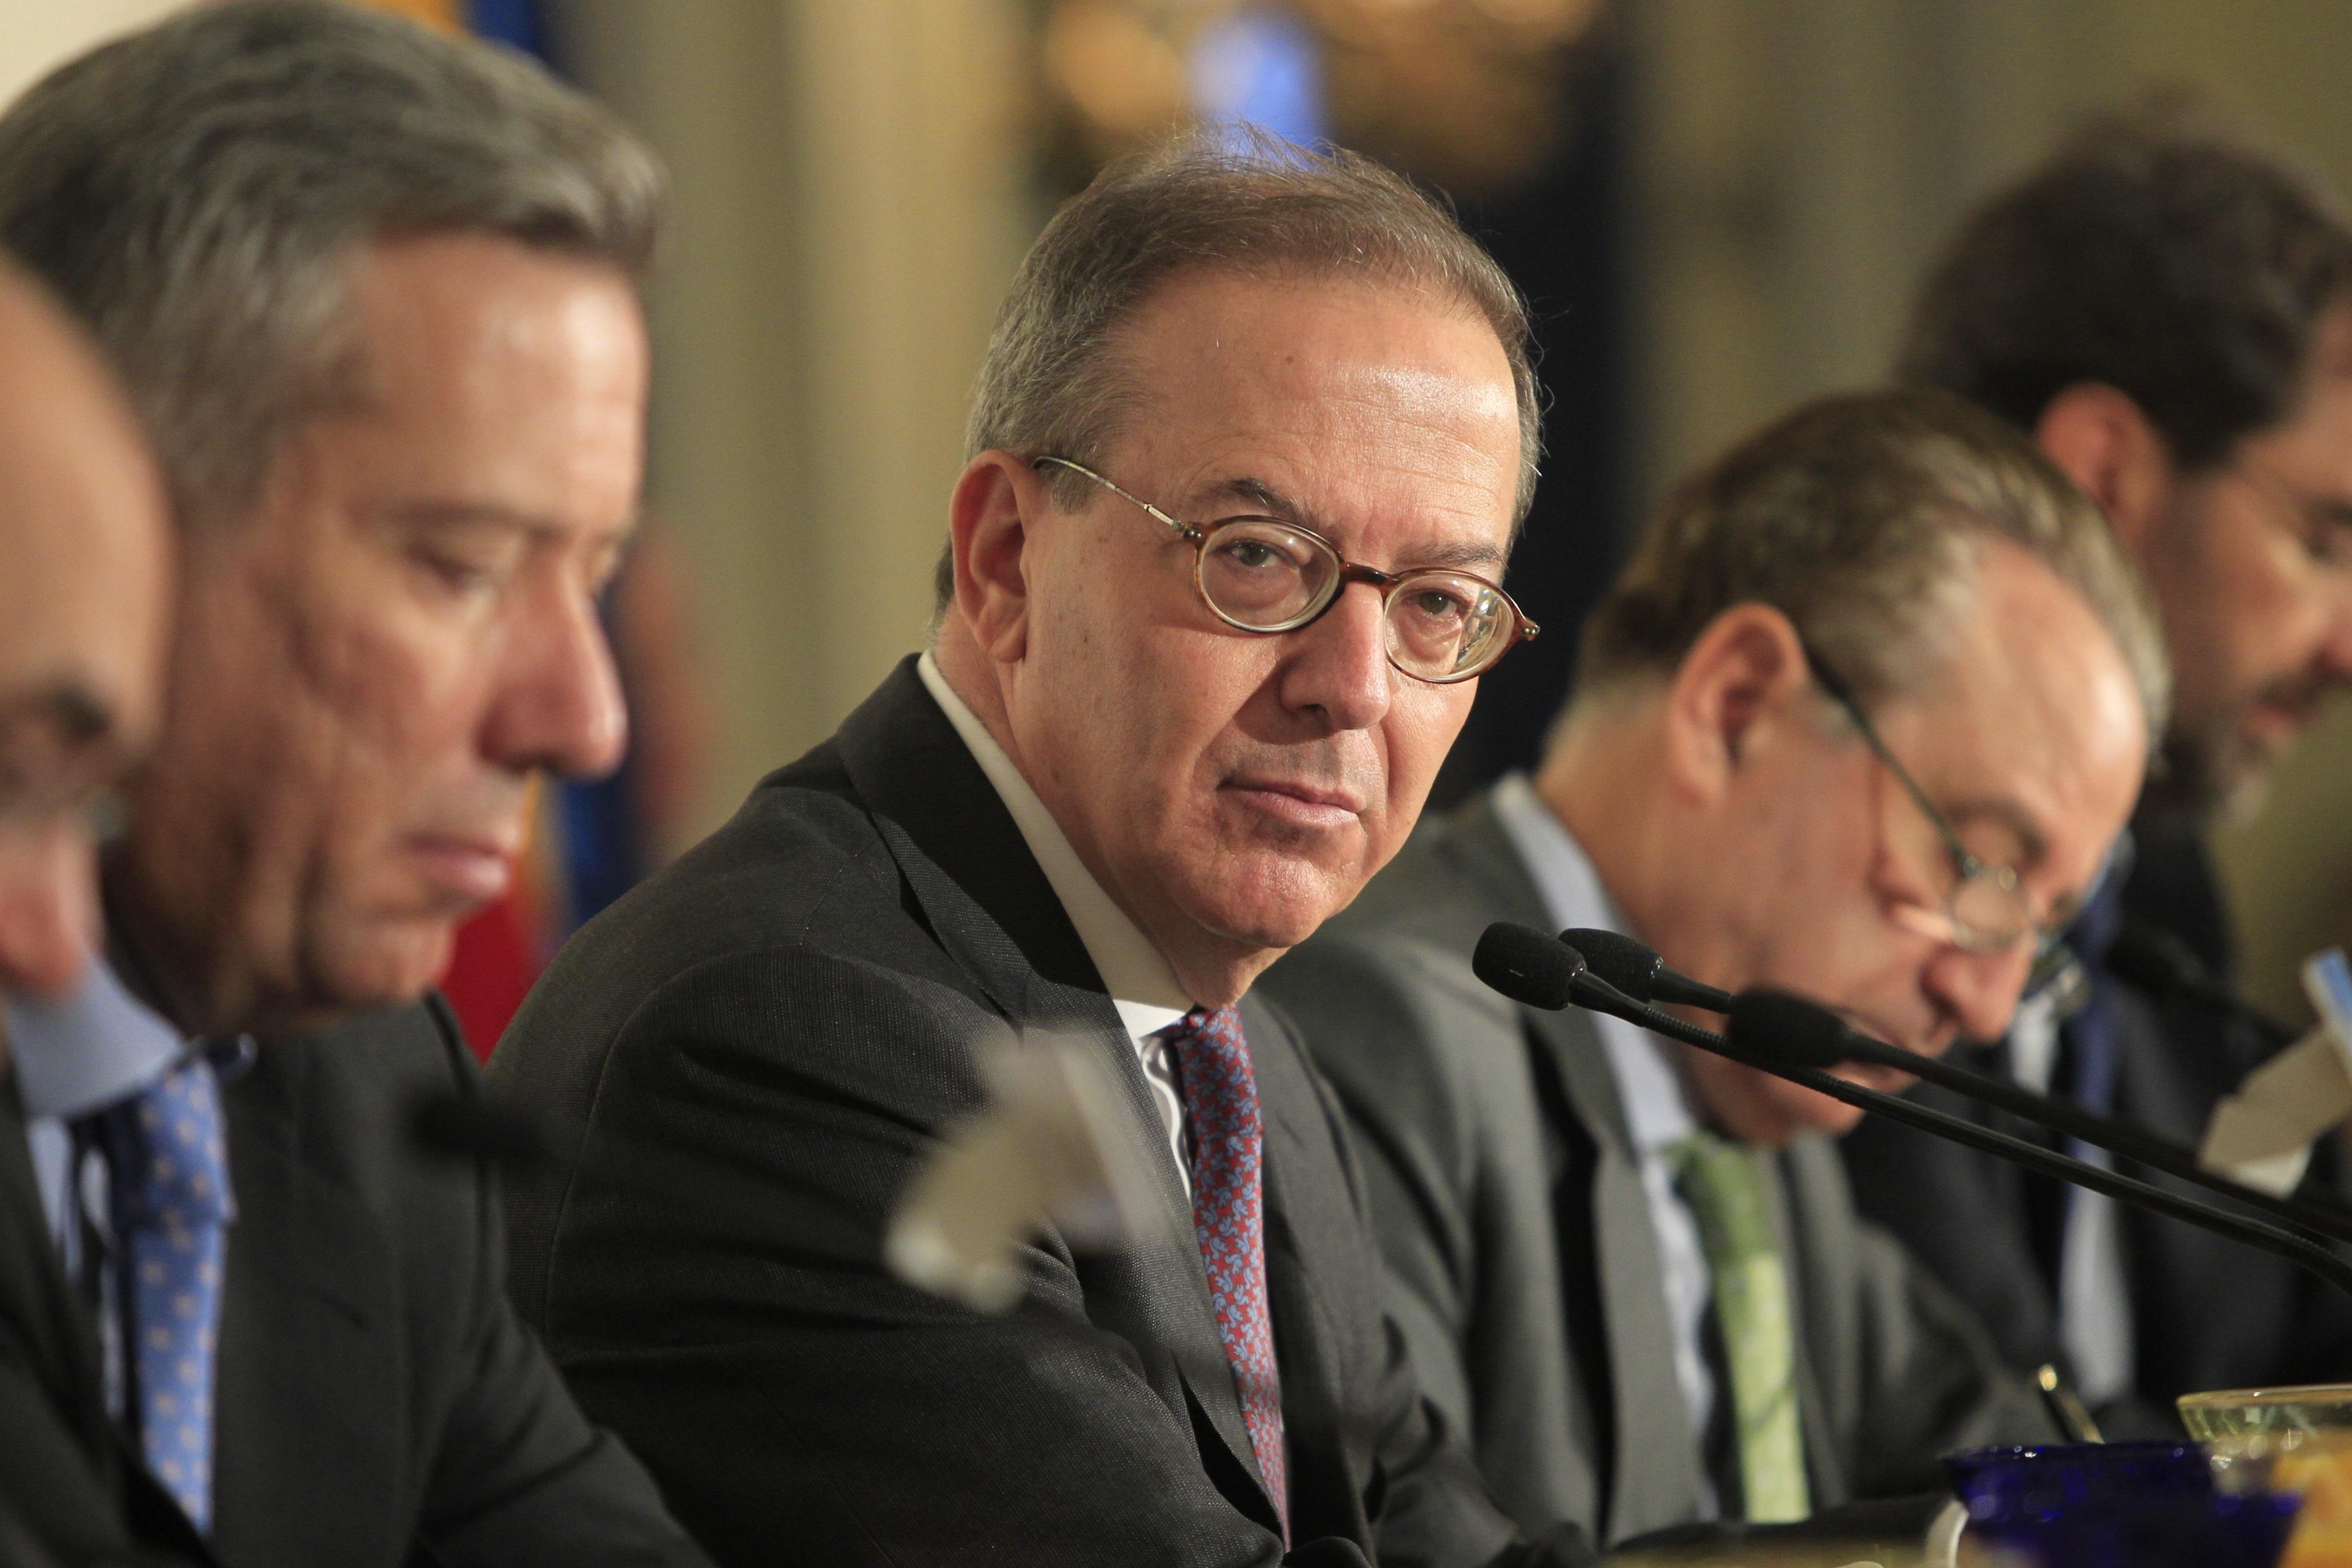 (Amp.) El FROB calcula un coste al erario público de hasta 402 millones para cerrar la fusión Unicaja-Ceiss